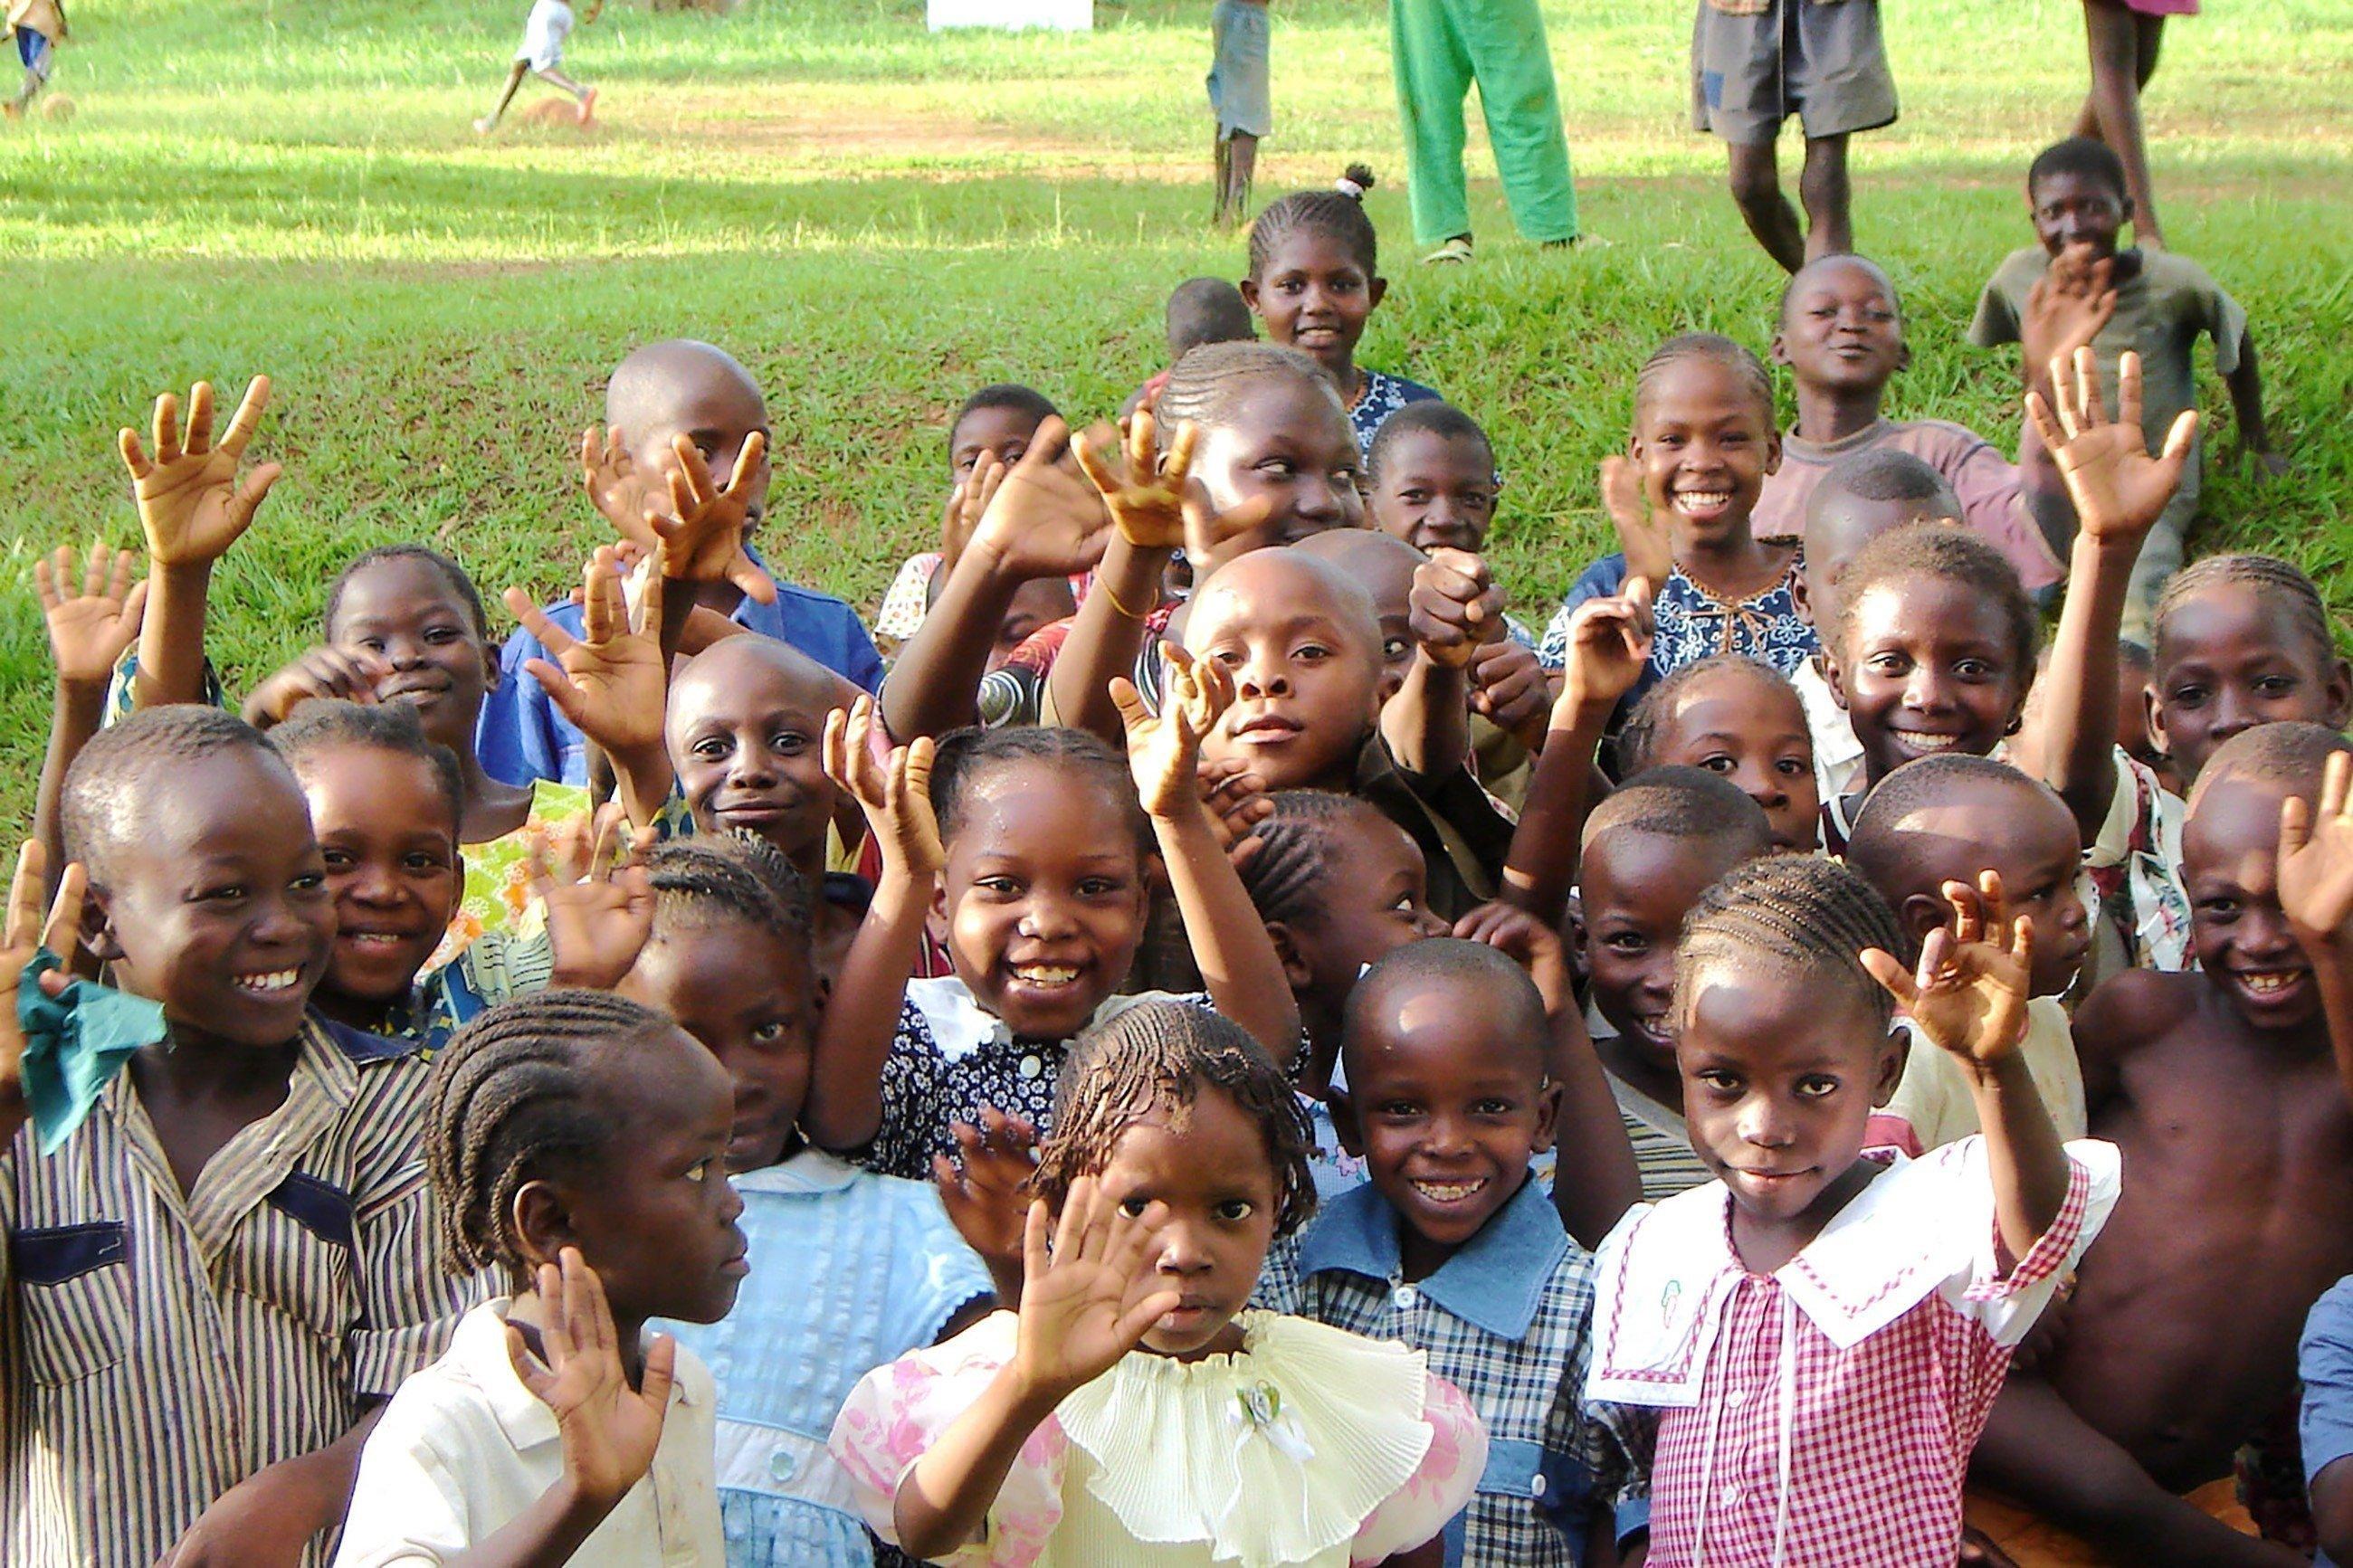 Des enfants faisant un signe de la main en riant.